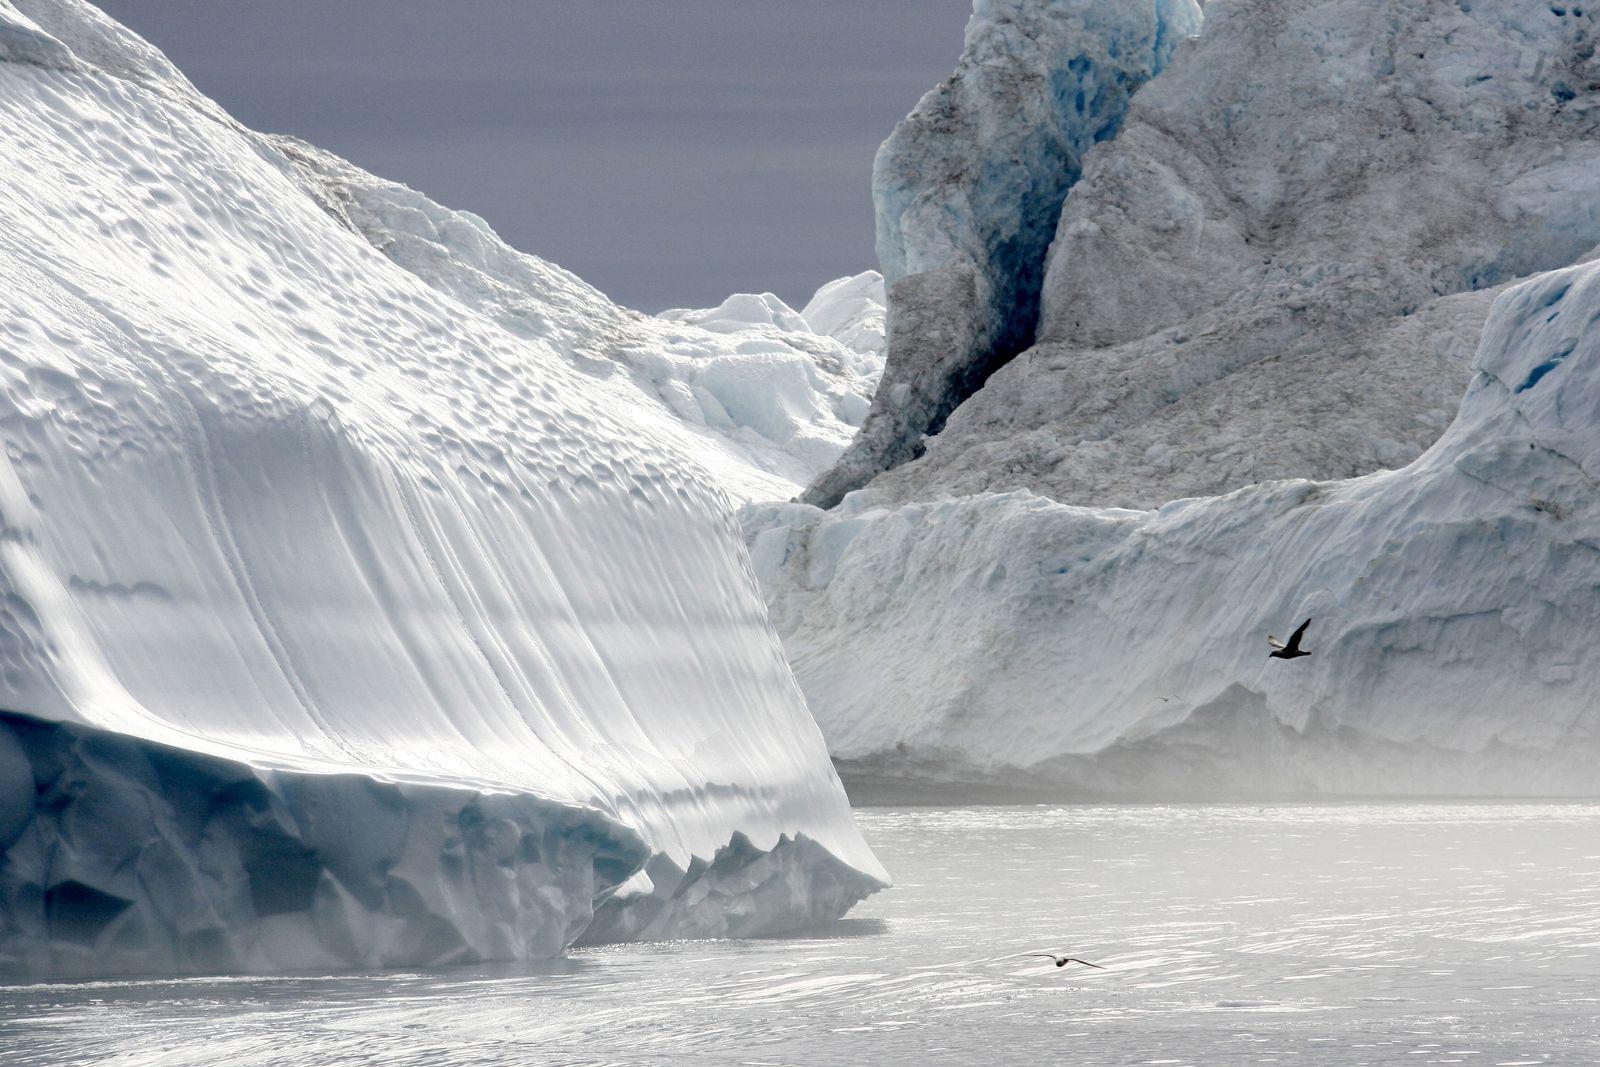 Arktis-Süßwasser / Klima Einfluss